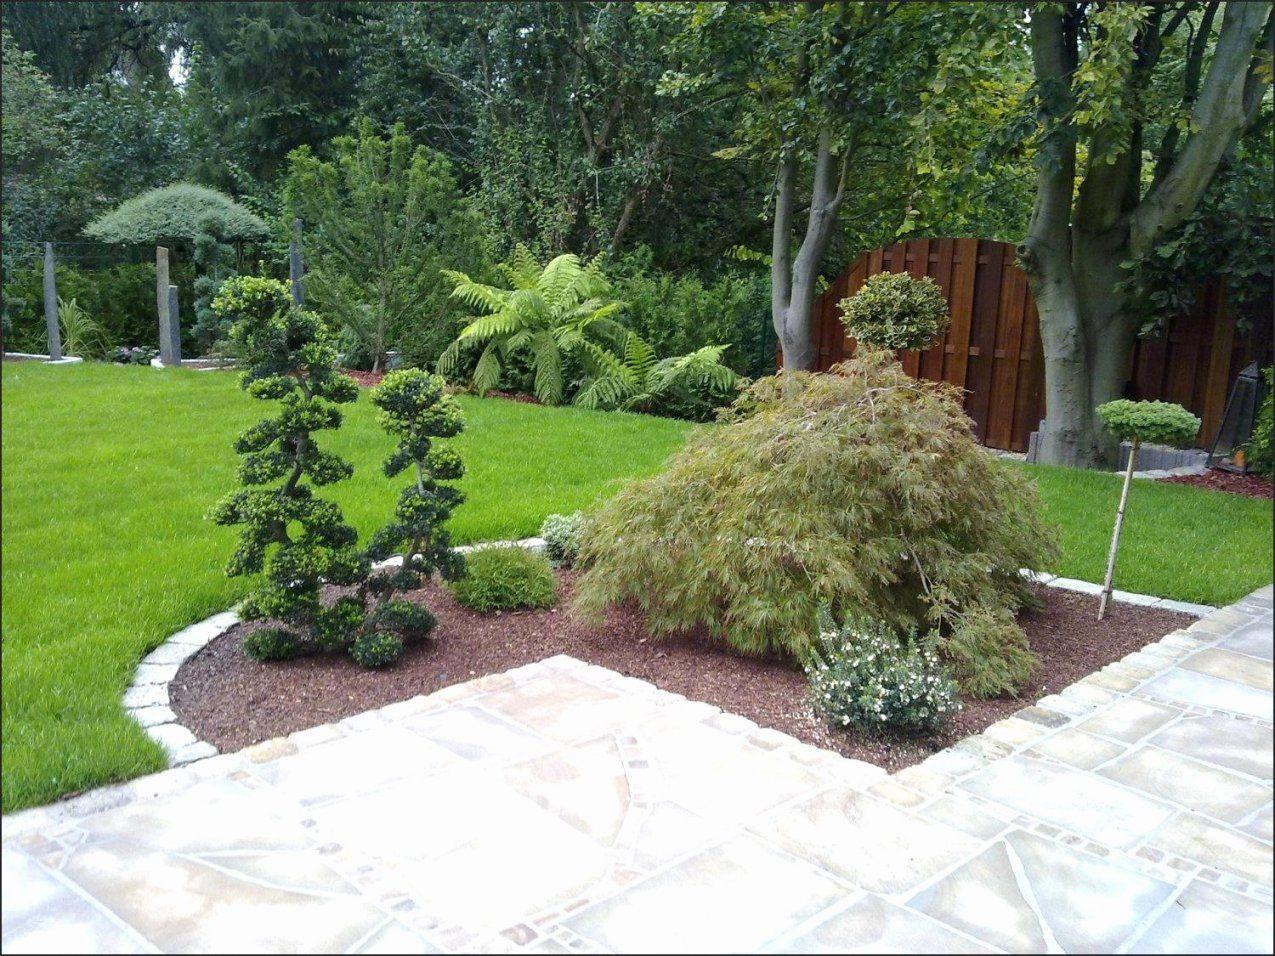 Terrasse Aus Kies Genial Sitzecke Garten Gestalten Elegant Garten von Sitzecke Im Garten Anlegen Bild